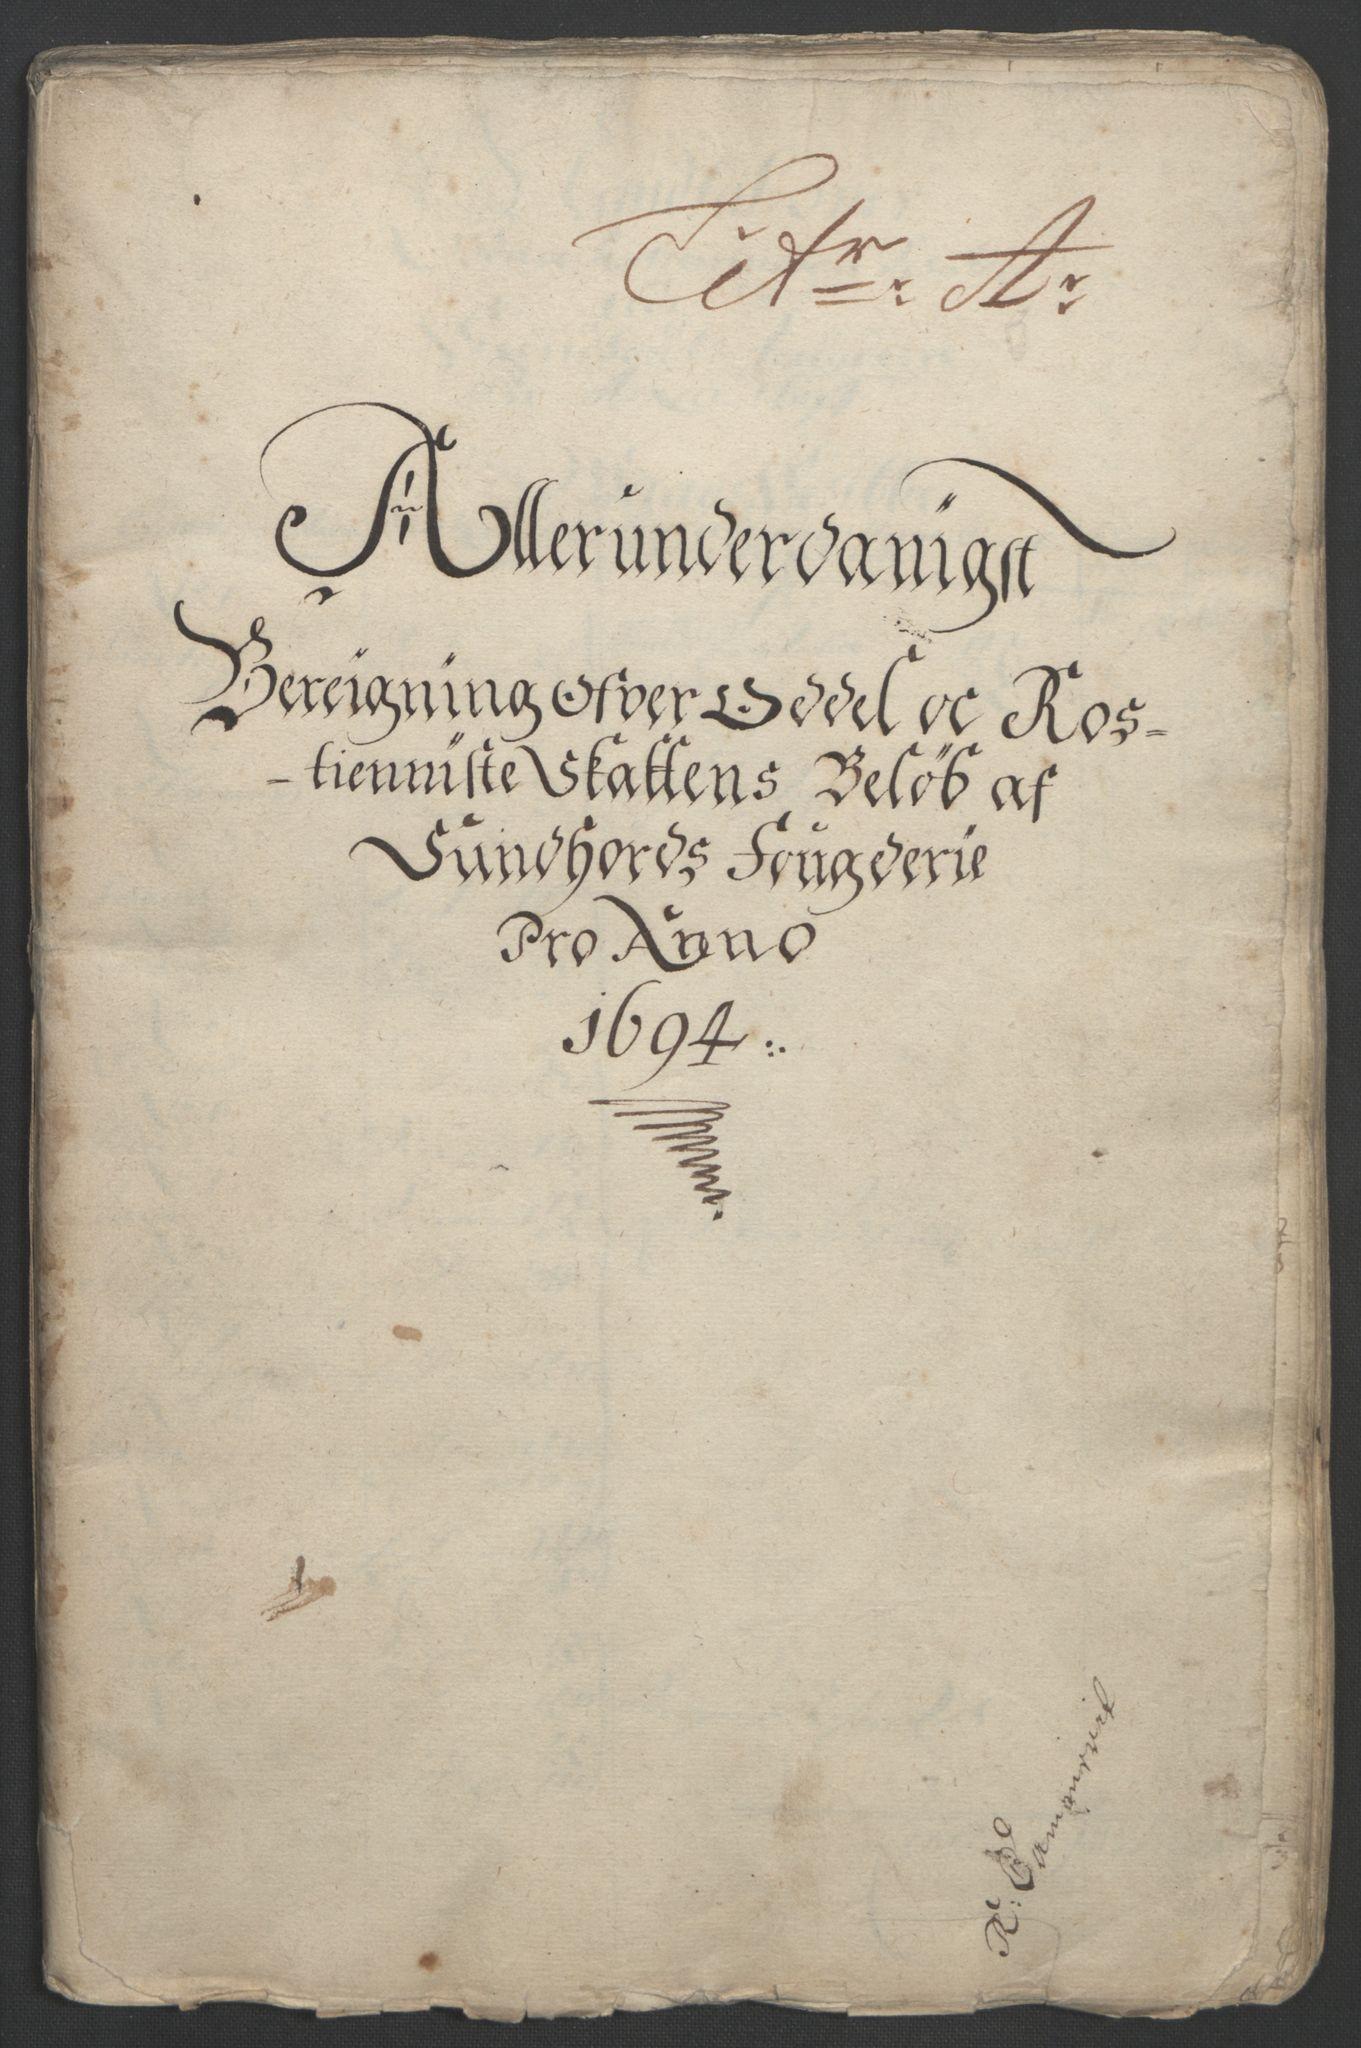 RA, Rentekammeret inntil 1814, Reviderte regnskaper, Fogderegnskap, R48/L2975: Fogderegnskap Sunnhordland og Hardanger, 1694, s. 19